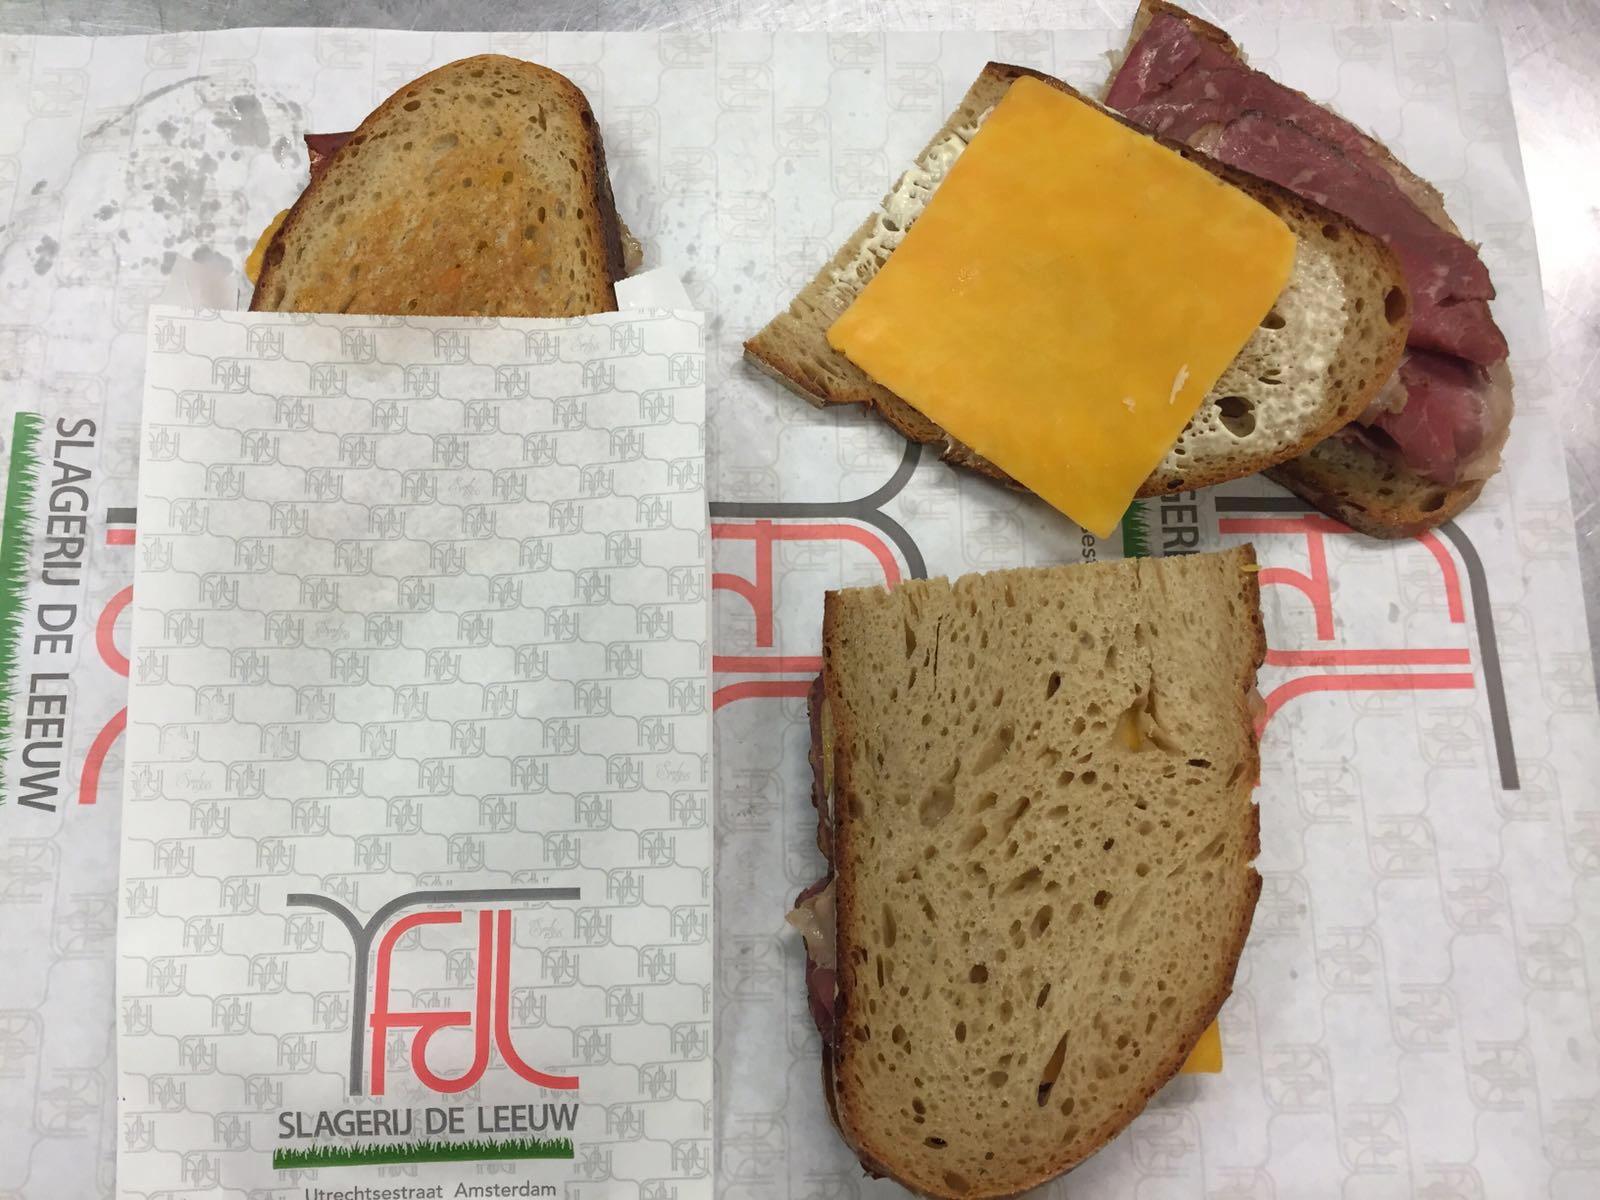 Reuben sandwich Slagerij De Leeuw Amsterdam